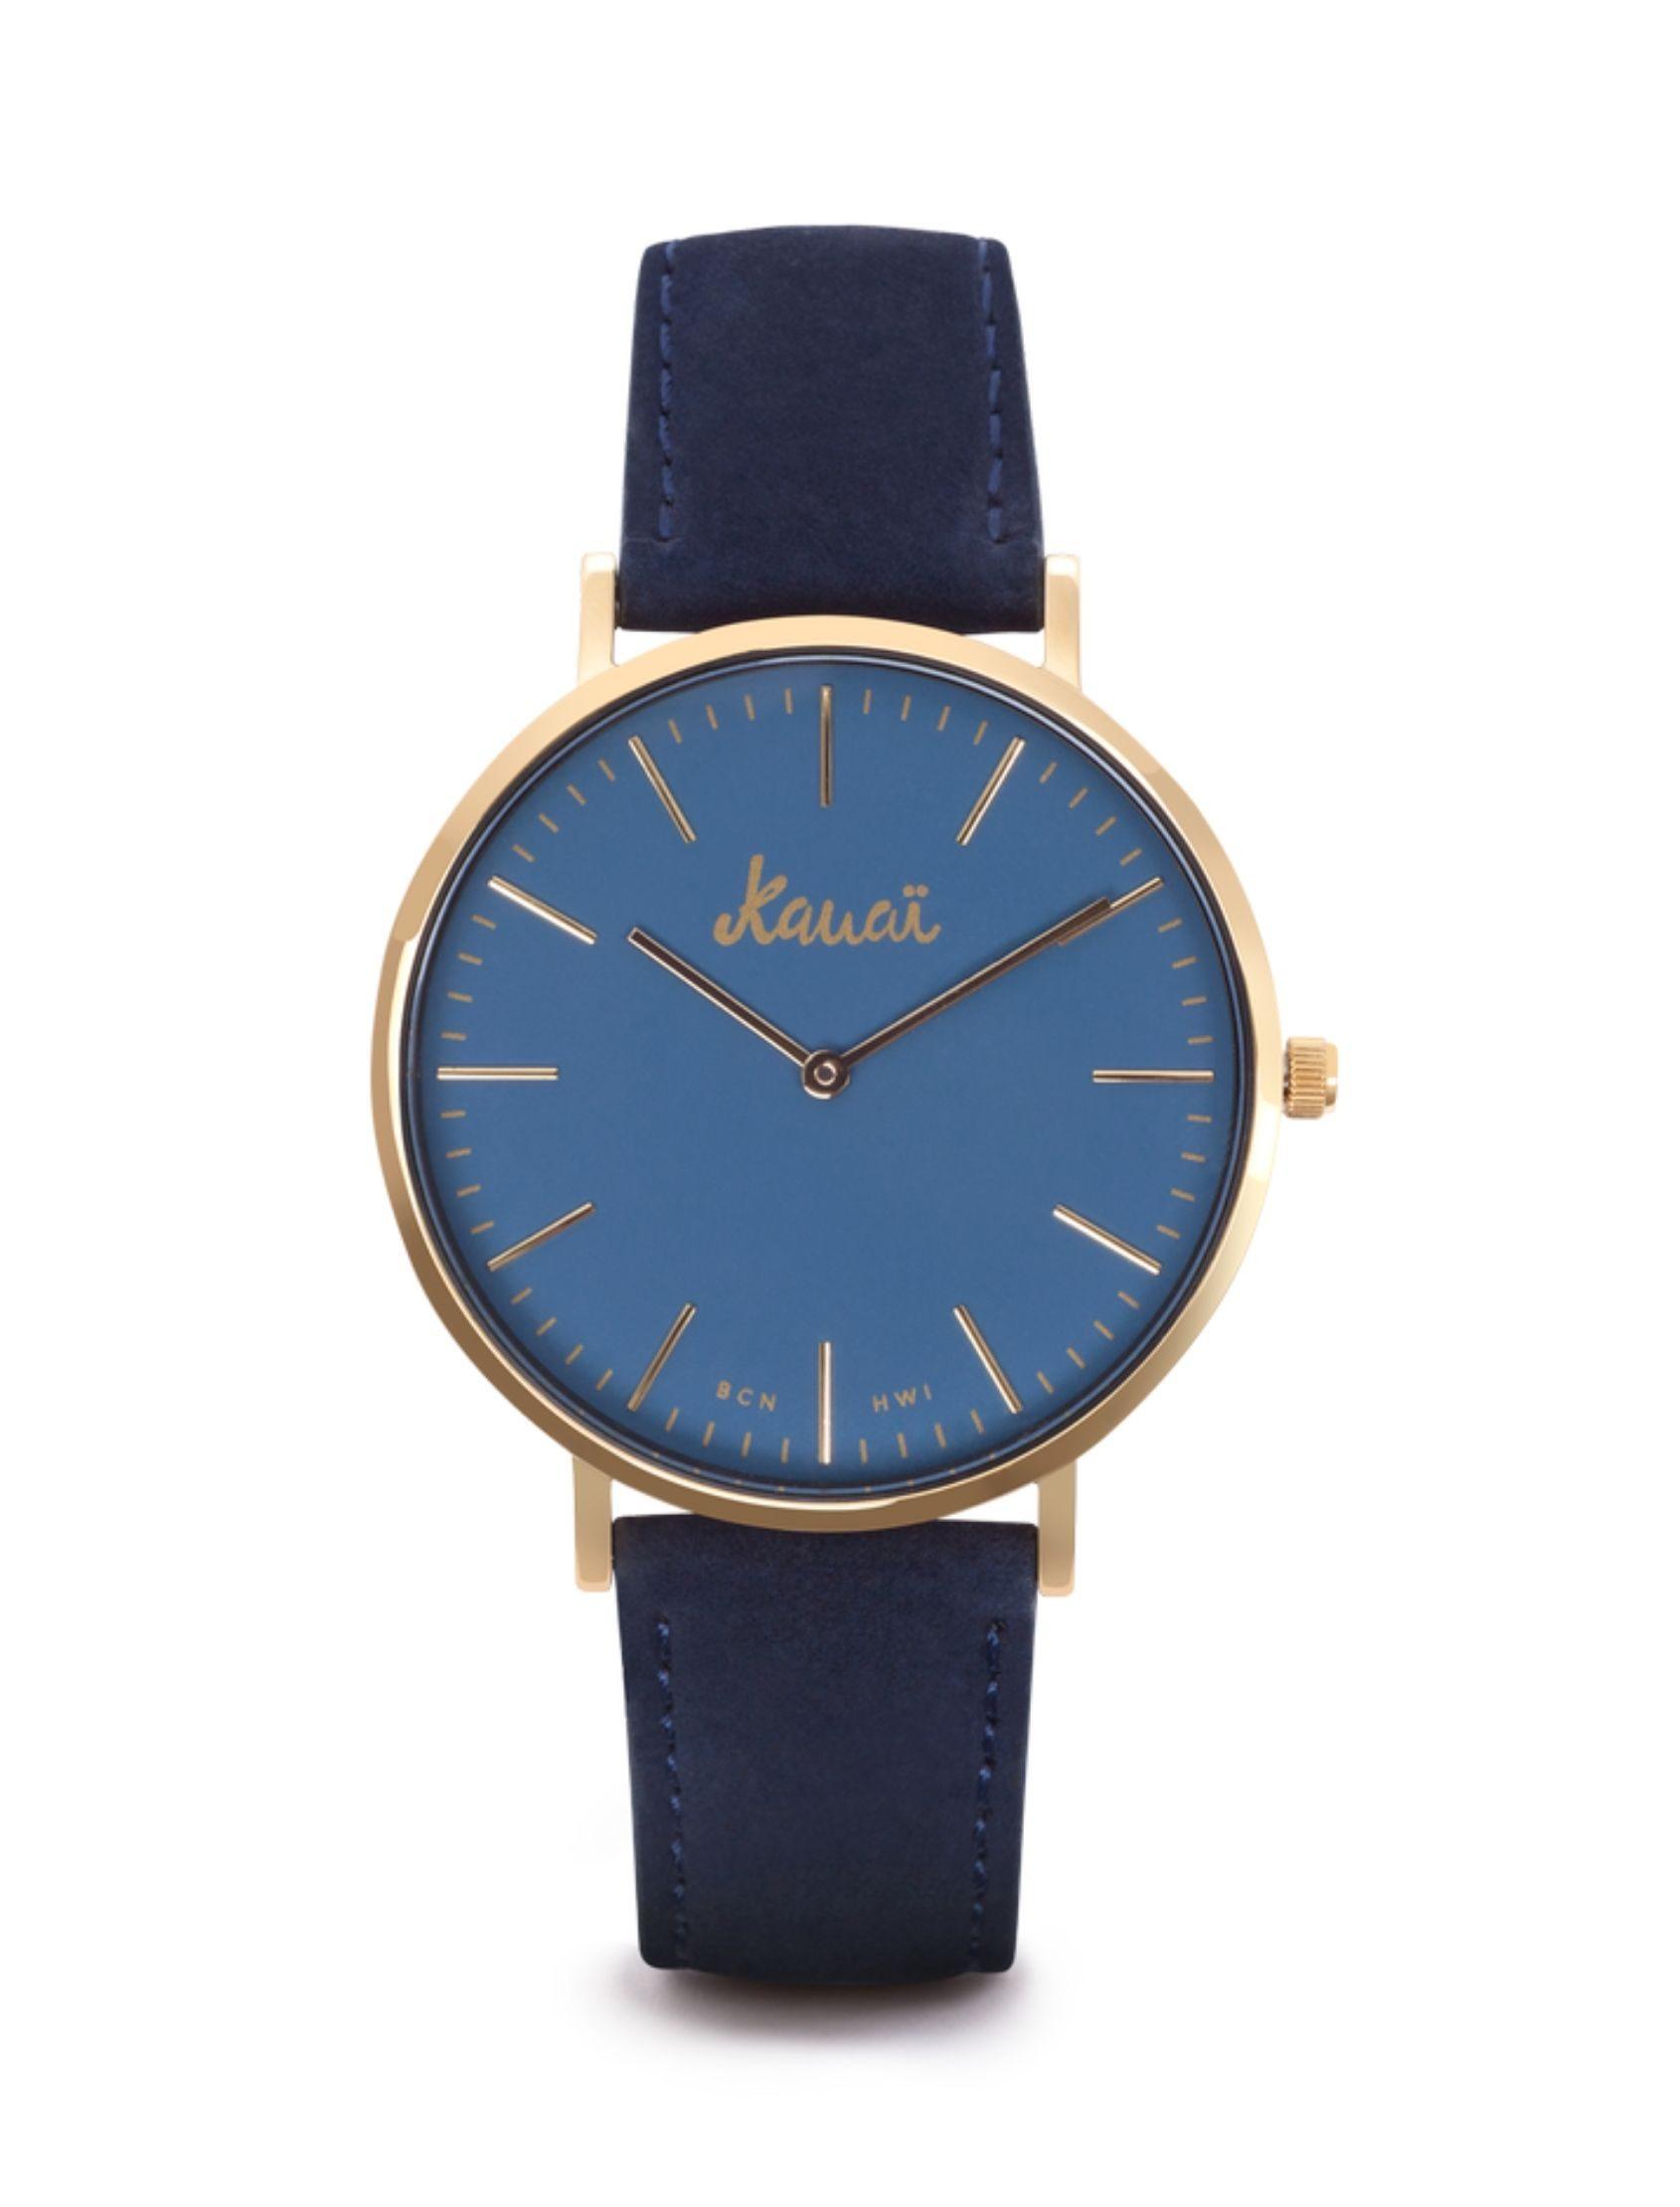 Reloj moana blue con esfera azul y caja dorada. Correa de cuero